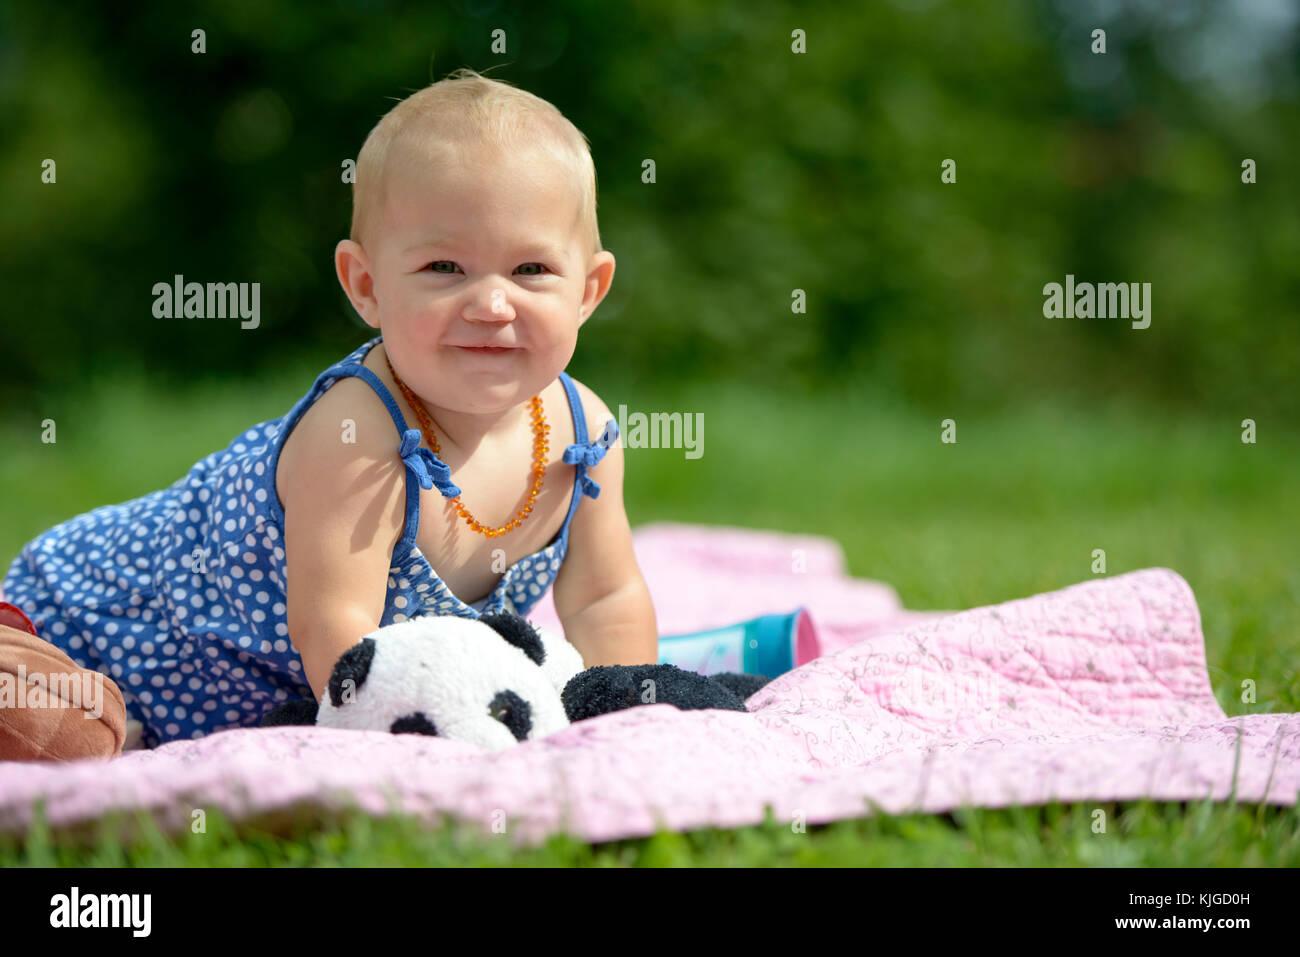 kleines Mädchen sitzt auf seiner Krabbeldecke im Grünen, Bayern, Deutschland - Stock Image